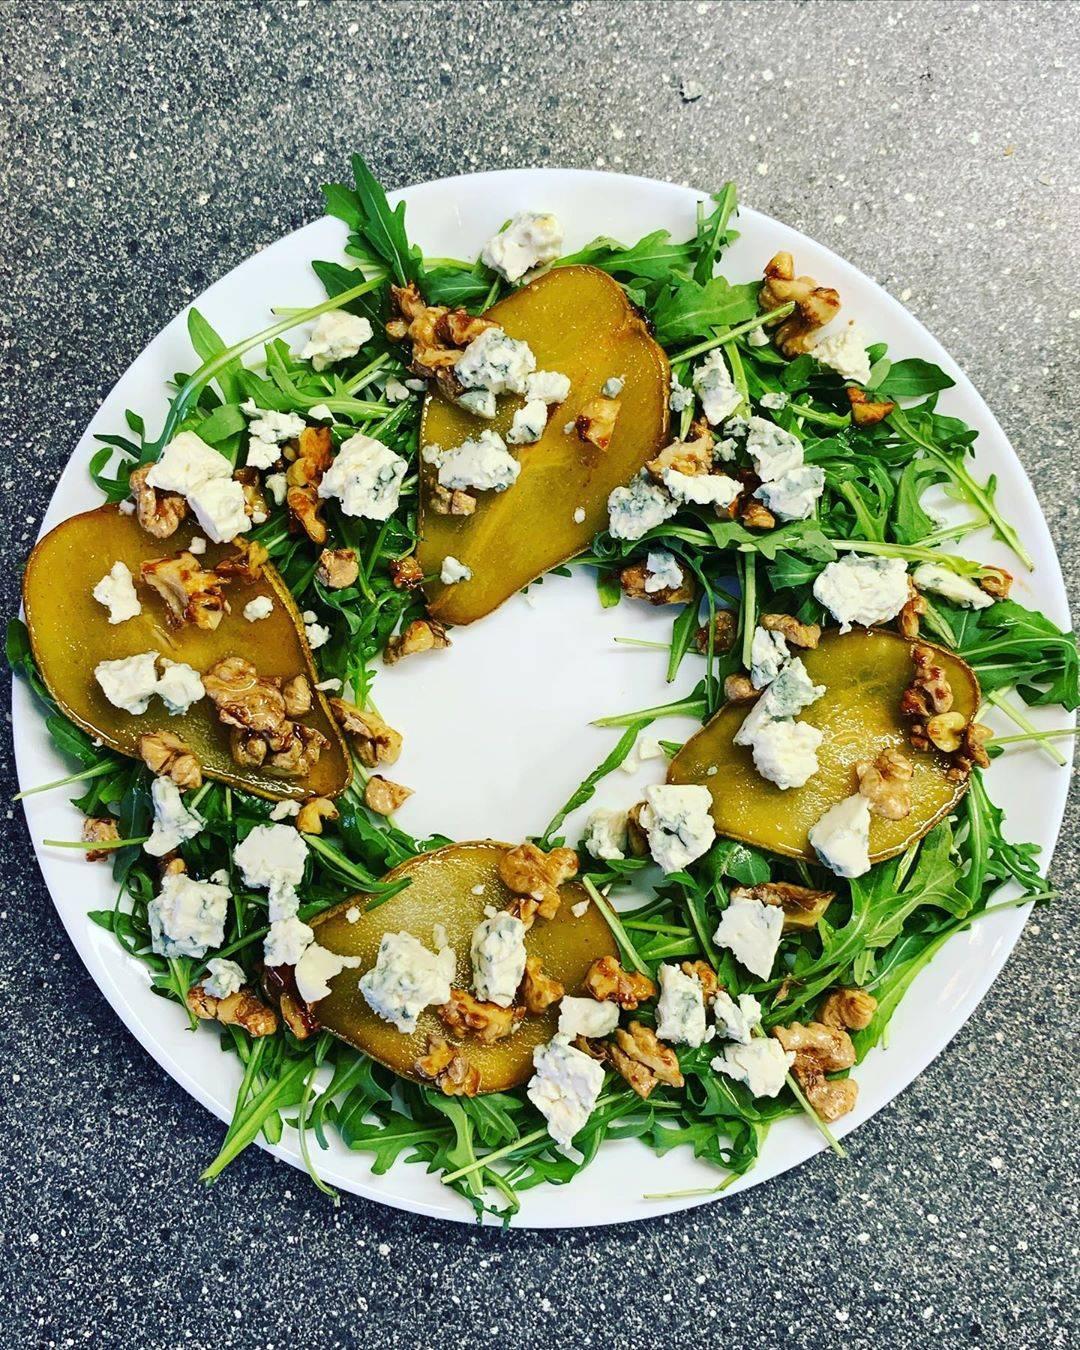 Гуакамоле из авокадо: с чем едят соус + очень вкусный рецепт и 8 пошаговых фото